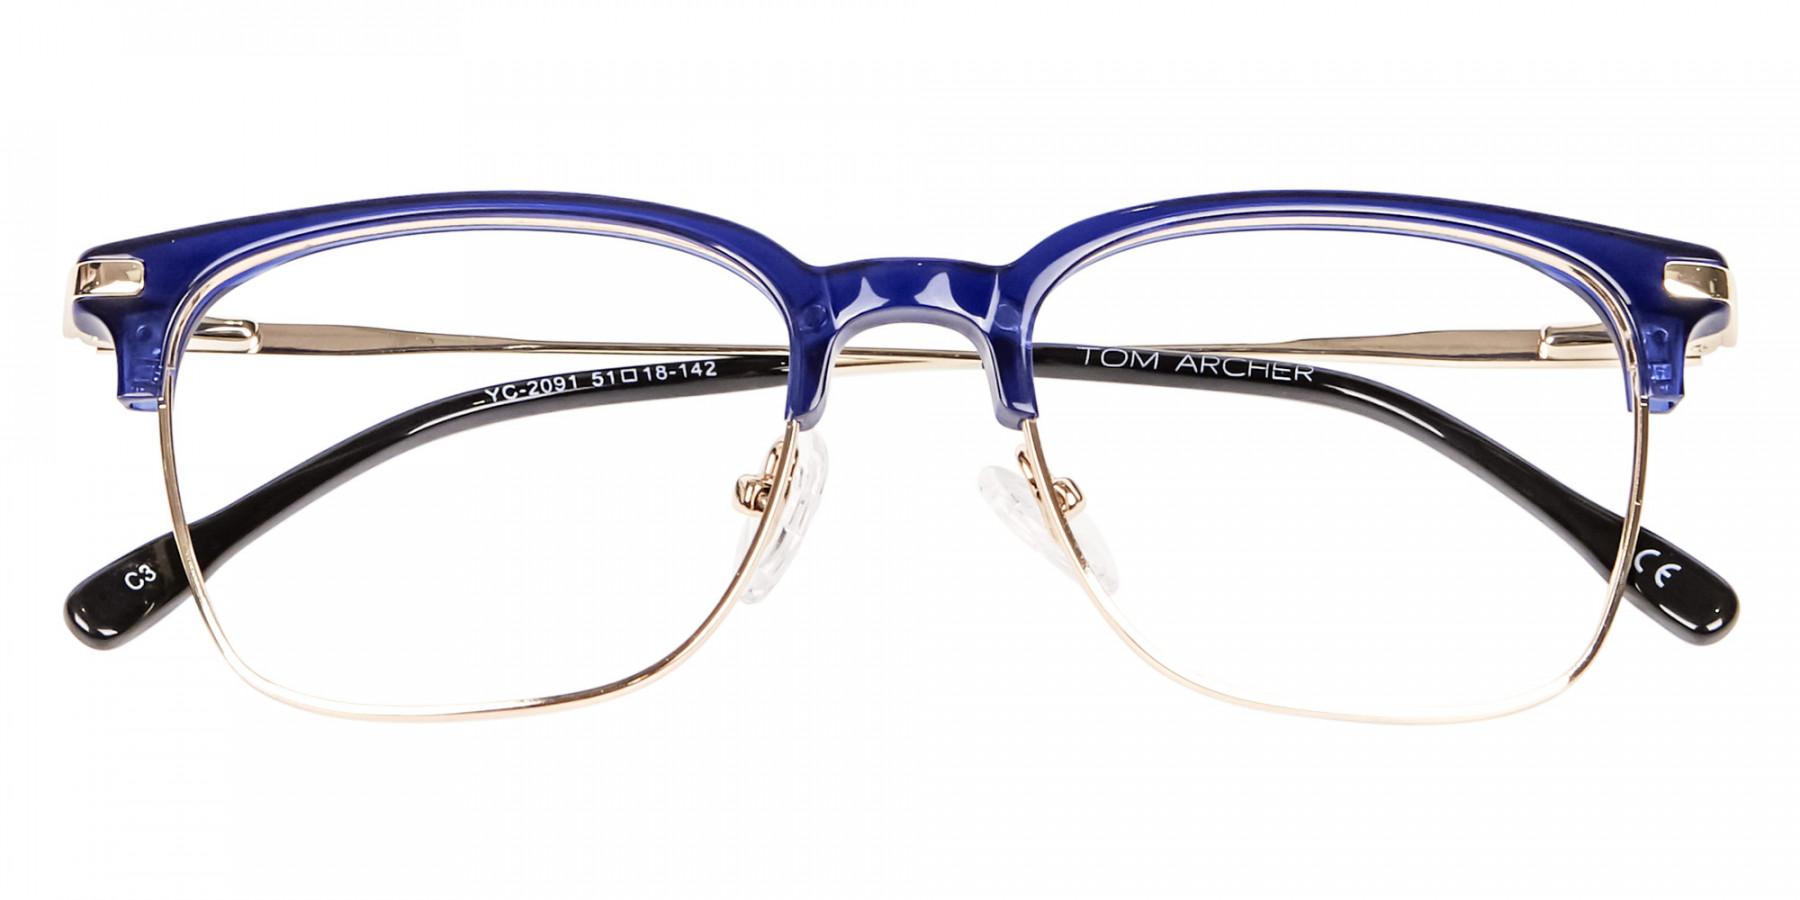 Elite Full -Rim Glasses -1